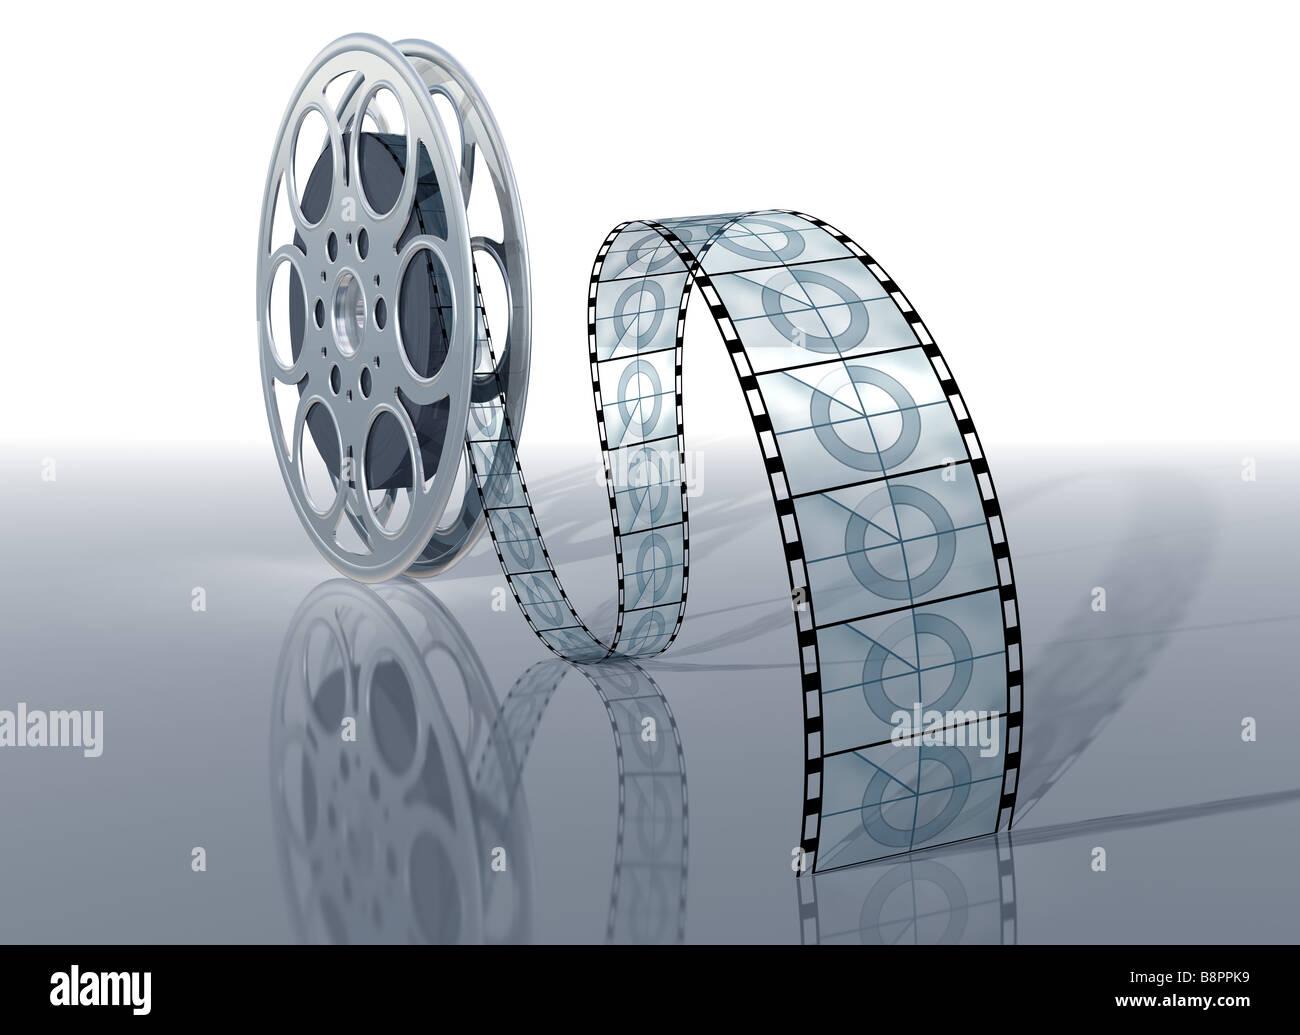 Illustrazione di una bobina di film e film su una superficie lucida Immagini Stock